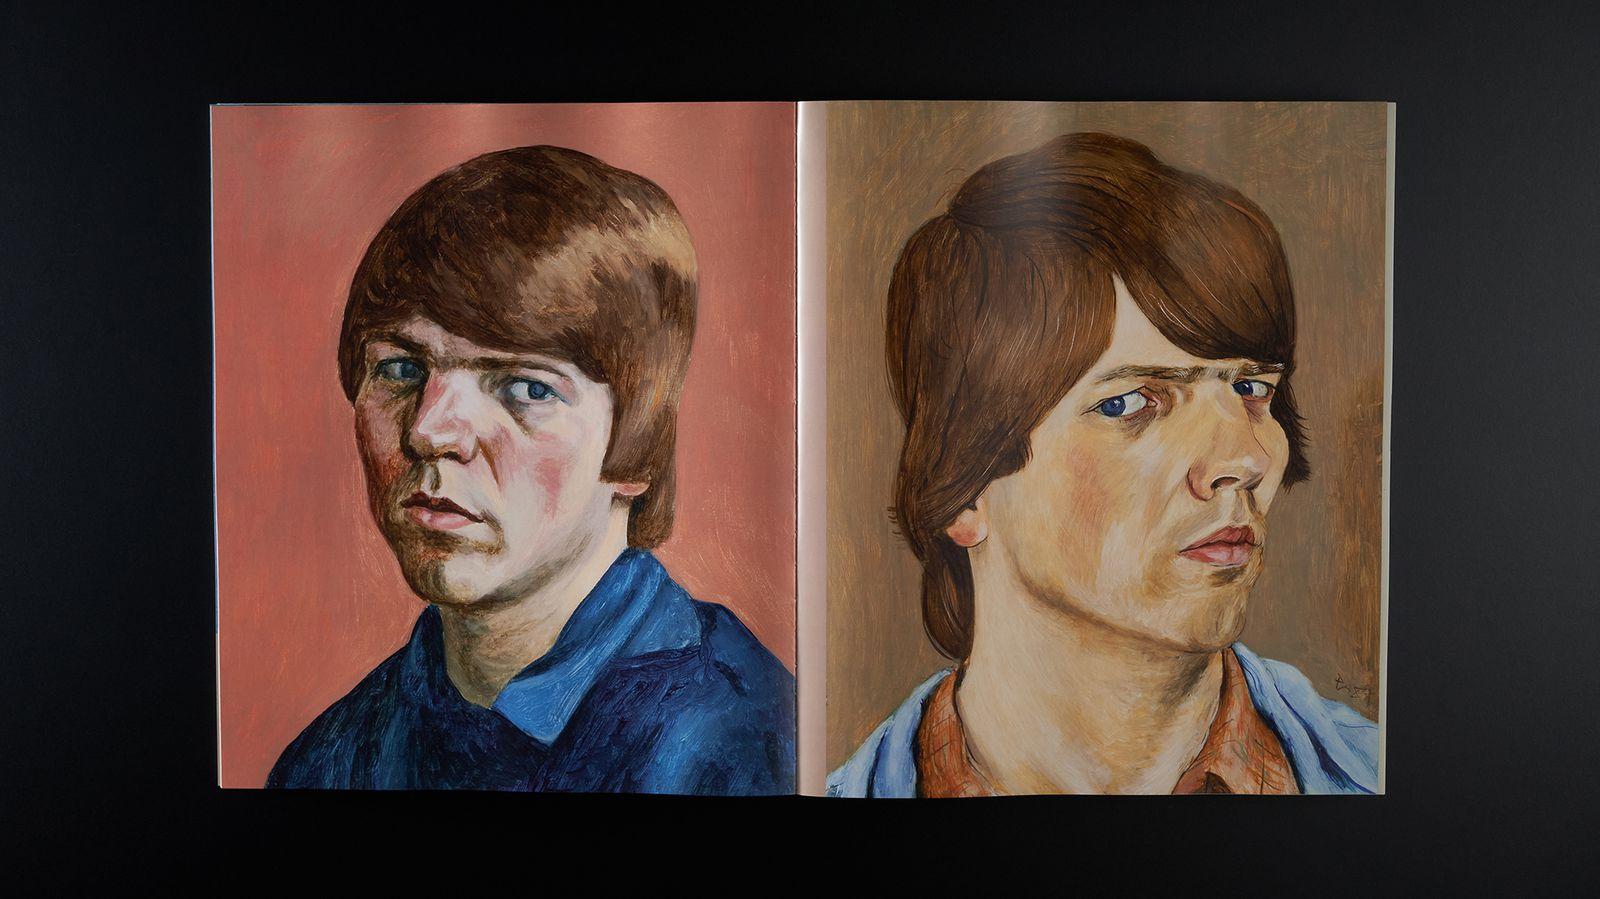 Het doel van het bestaan is het maken van een zelfportret, Philip Akkerman - Spread 2.jpg